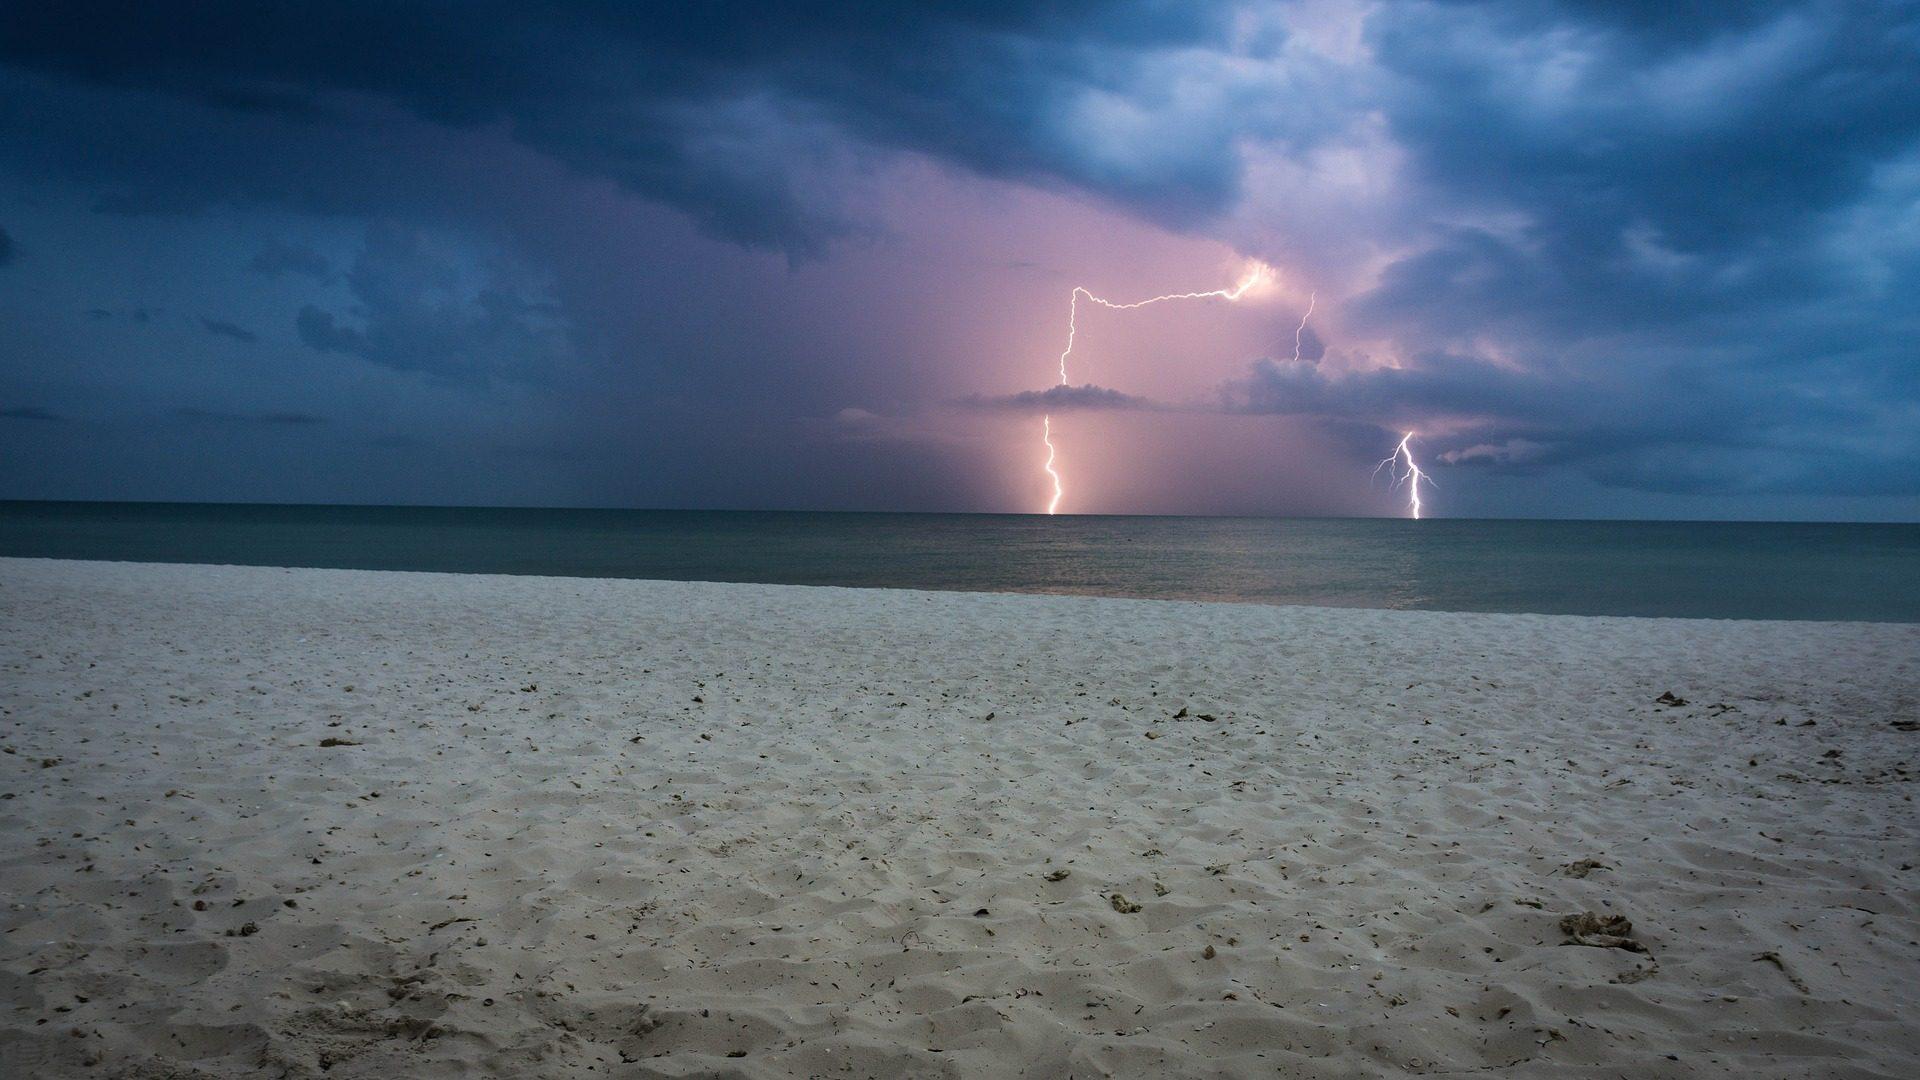 playa, arena, tormenta, nublado, rayos, mar - Fondos de Pantalla HD - professor-falken.com